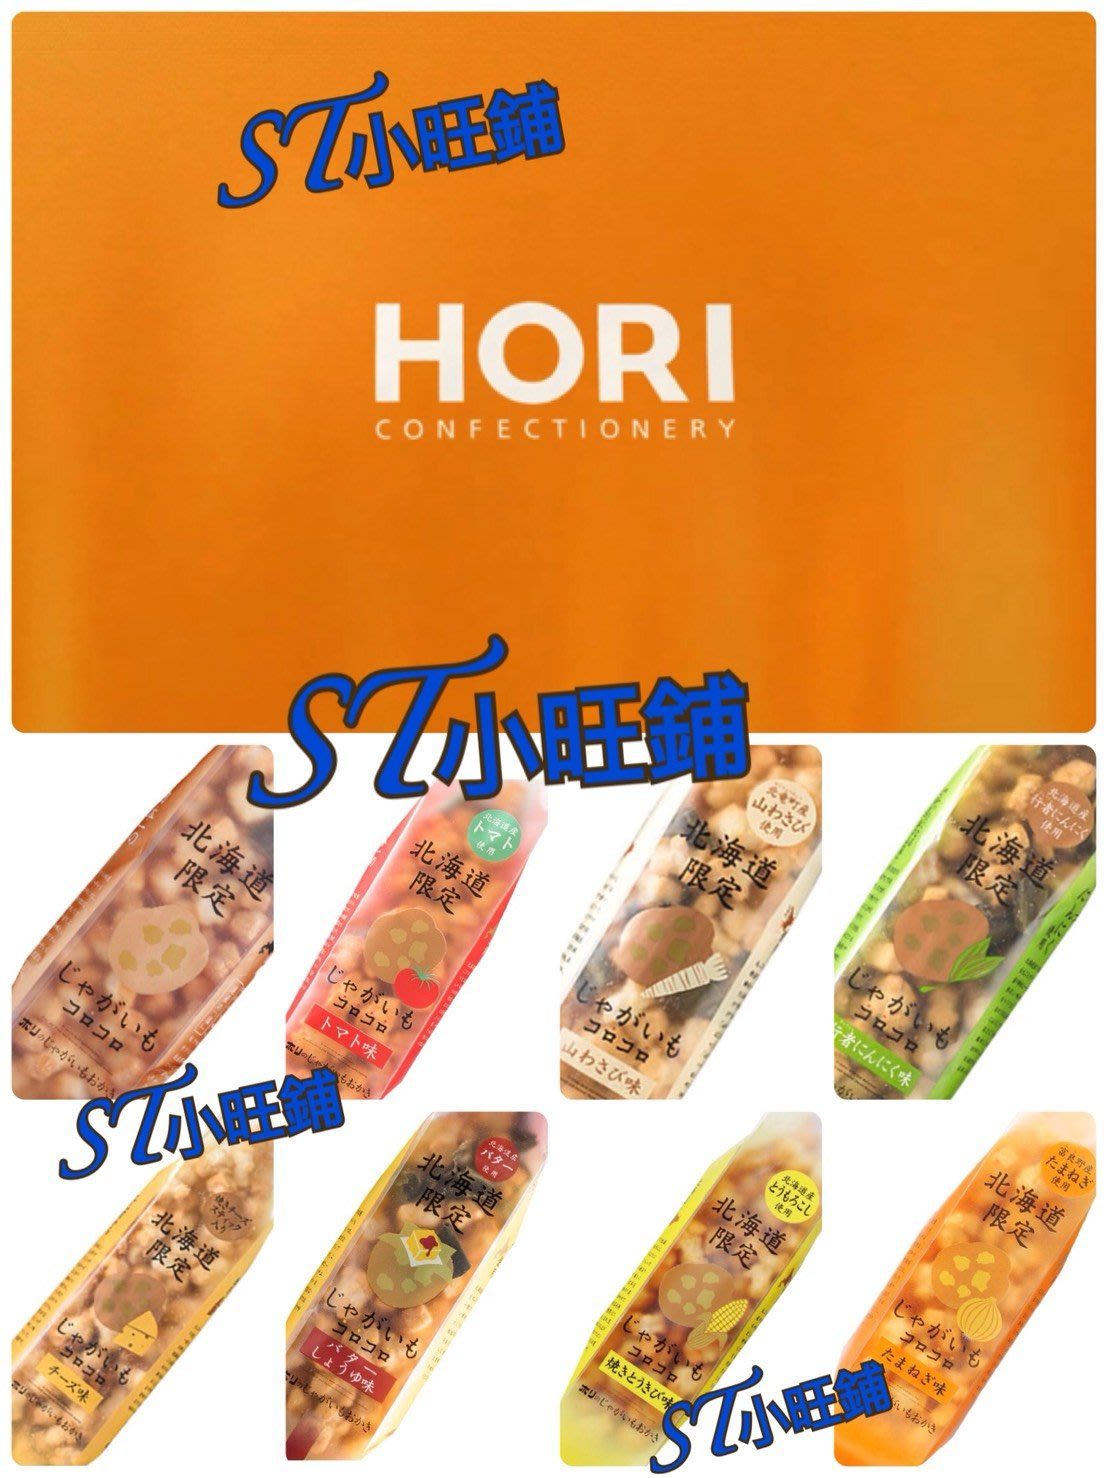 ST小旺鋪  北海道限定  HORI米果系列  八種口味  鹽味.乳酪.山芥茉.番茄.玉米.醬油.大蒜.洋蔥 米果餅乾